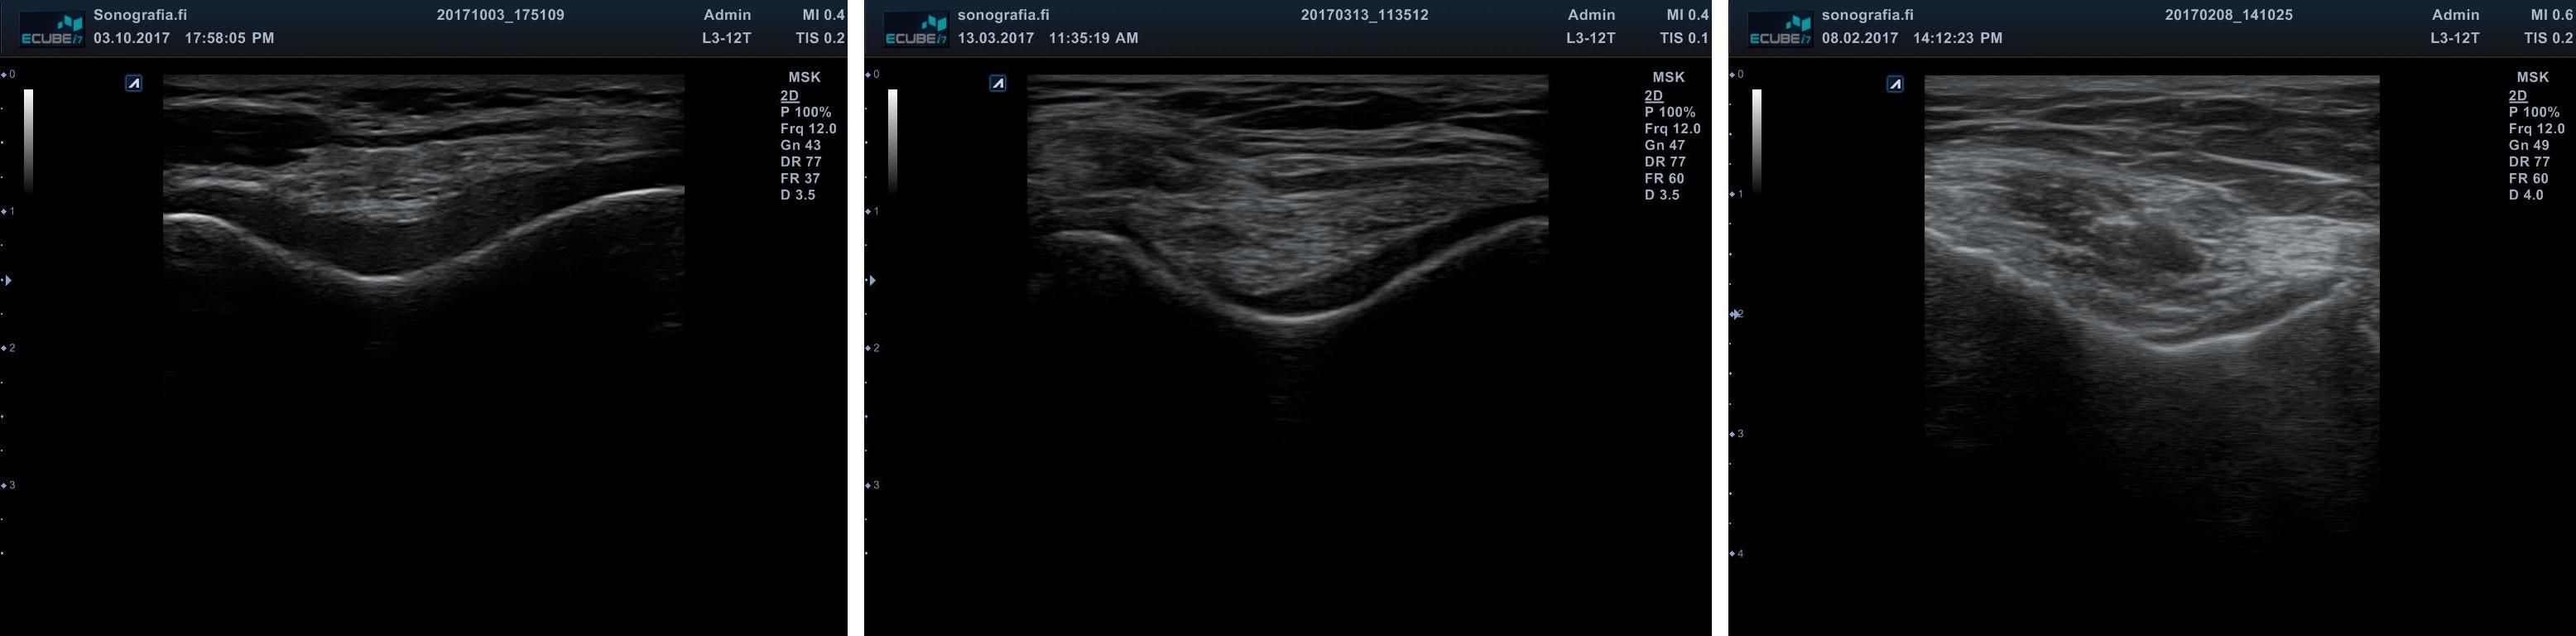 Polven rusto yhdistelmä • Sonografia – Tuki- ja liikuntaelimistön ultraäänikuvaus